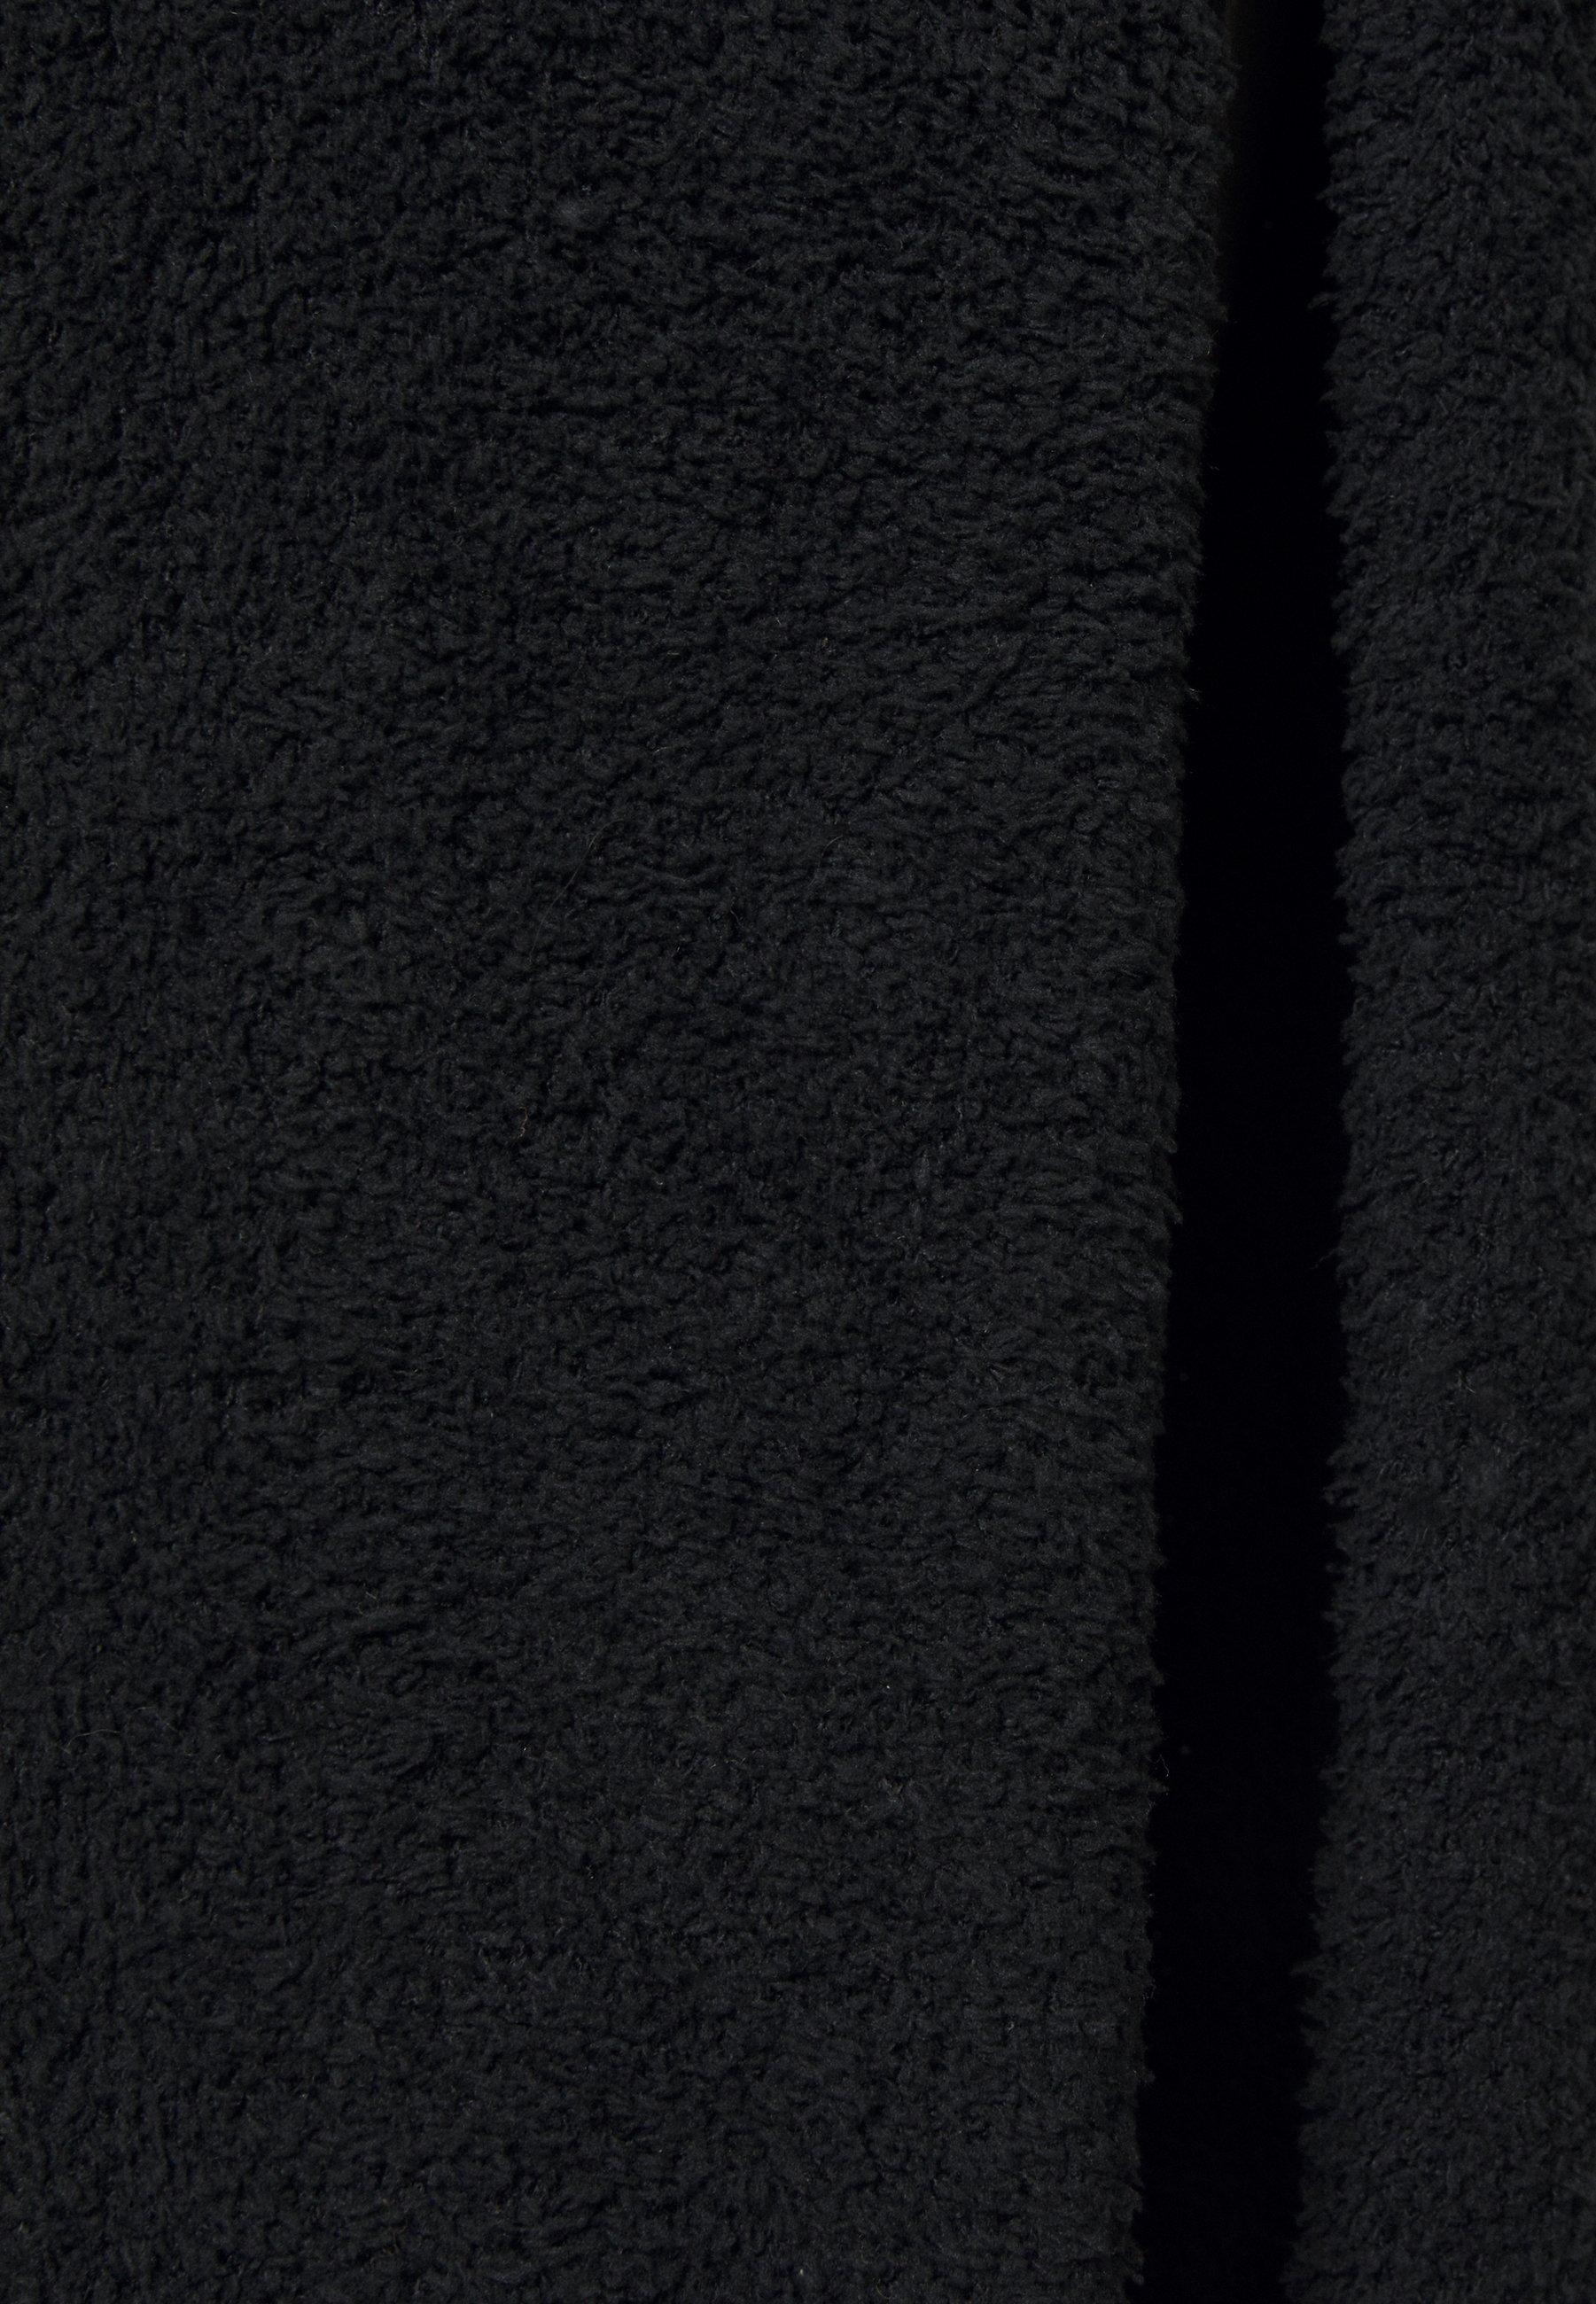 Missguided Petite Fluffy Slouchy Side Split Jumper Dress - Strikkegenser Black/svart